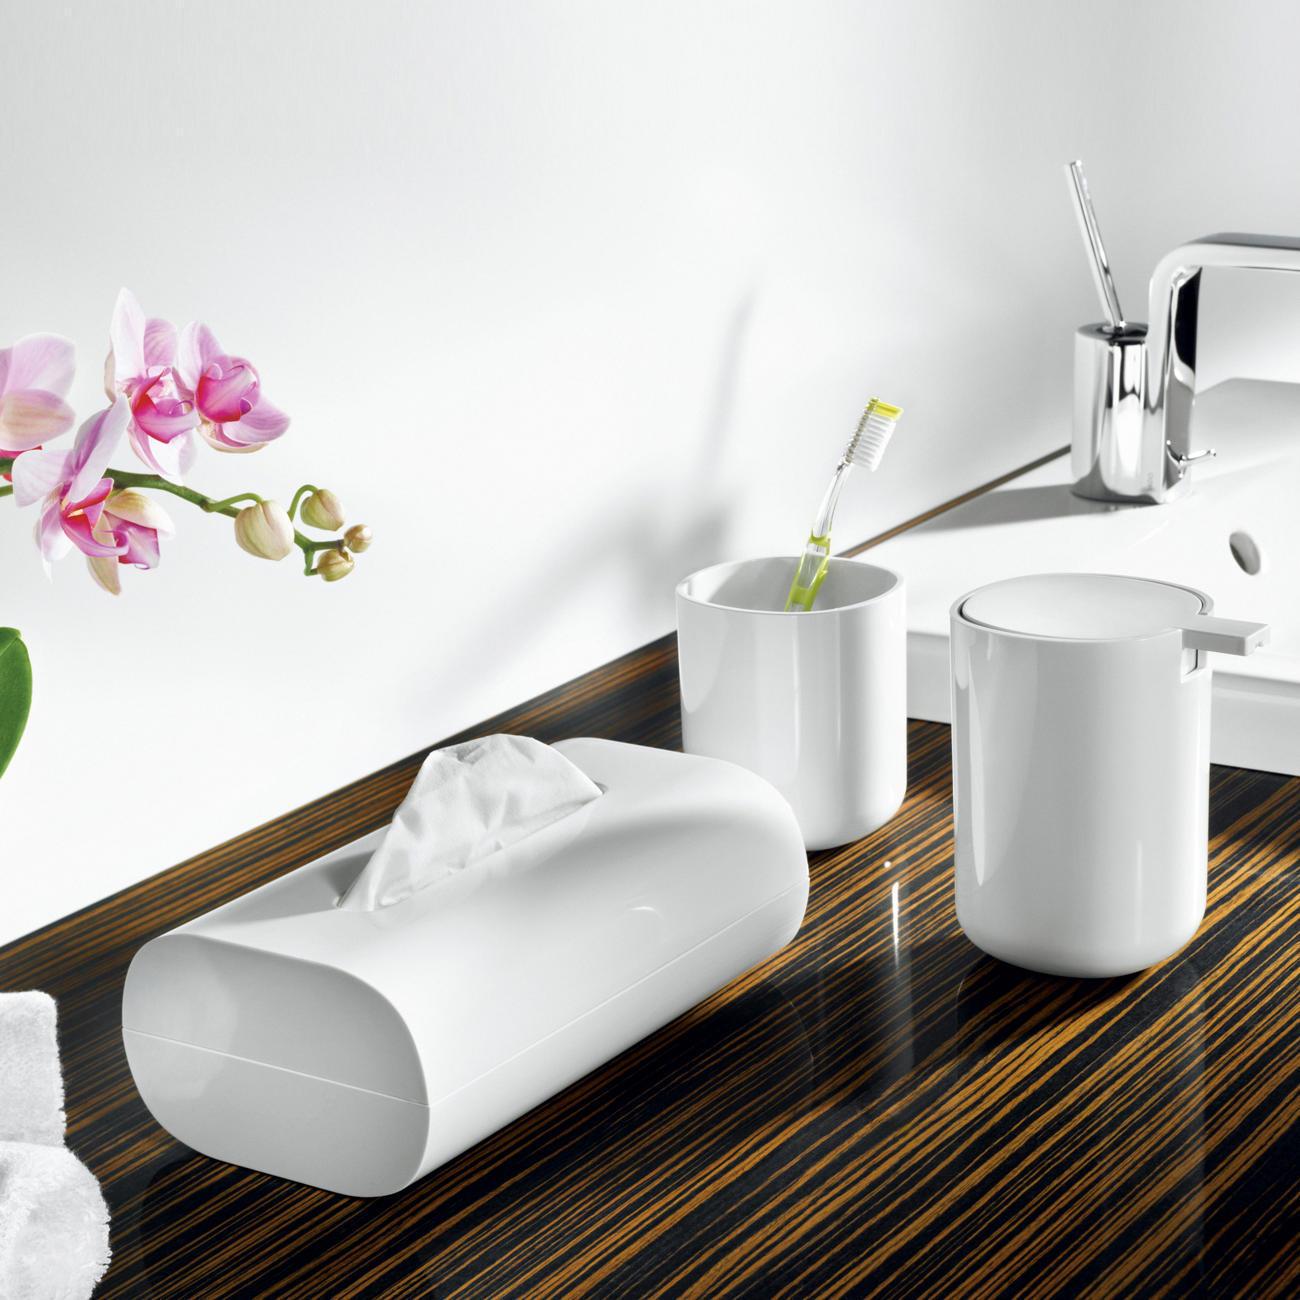 coole bad accessoires von alessi mit 3 jahren garantie. Black Bedroom Furniture Sets. Home Design Ideas